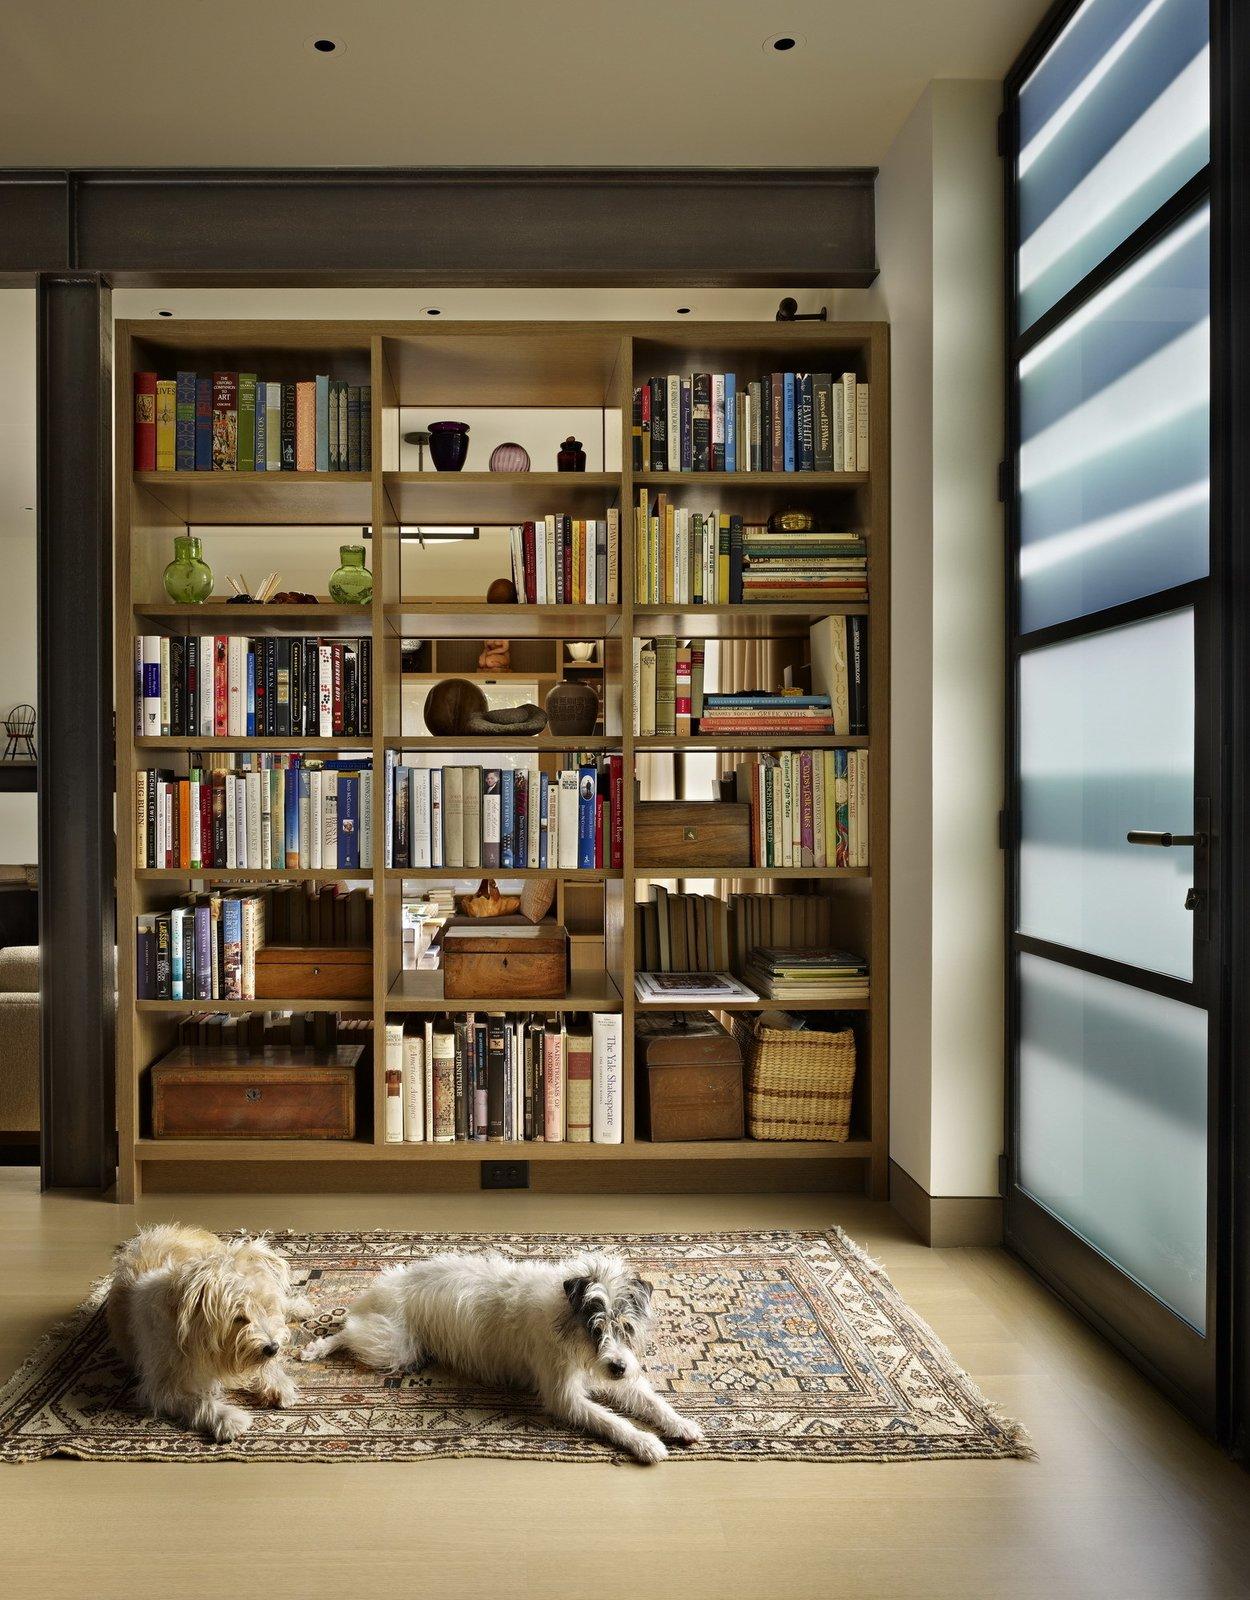 100 лучший идей: книжные полки, стеллажи, шкафы на фото.